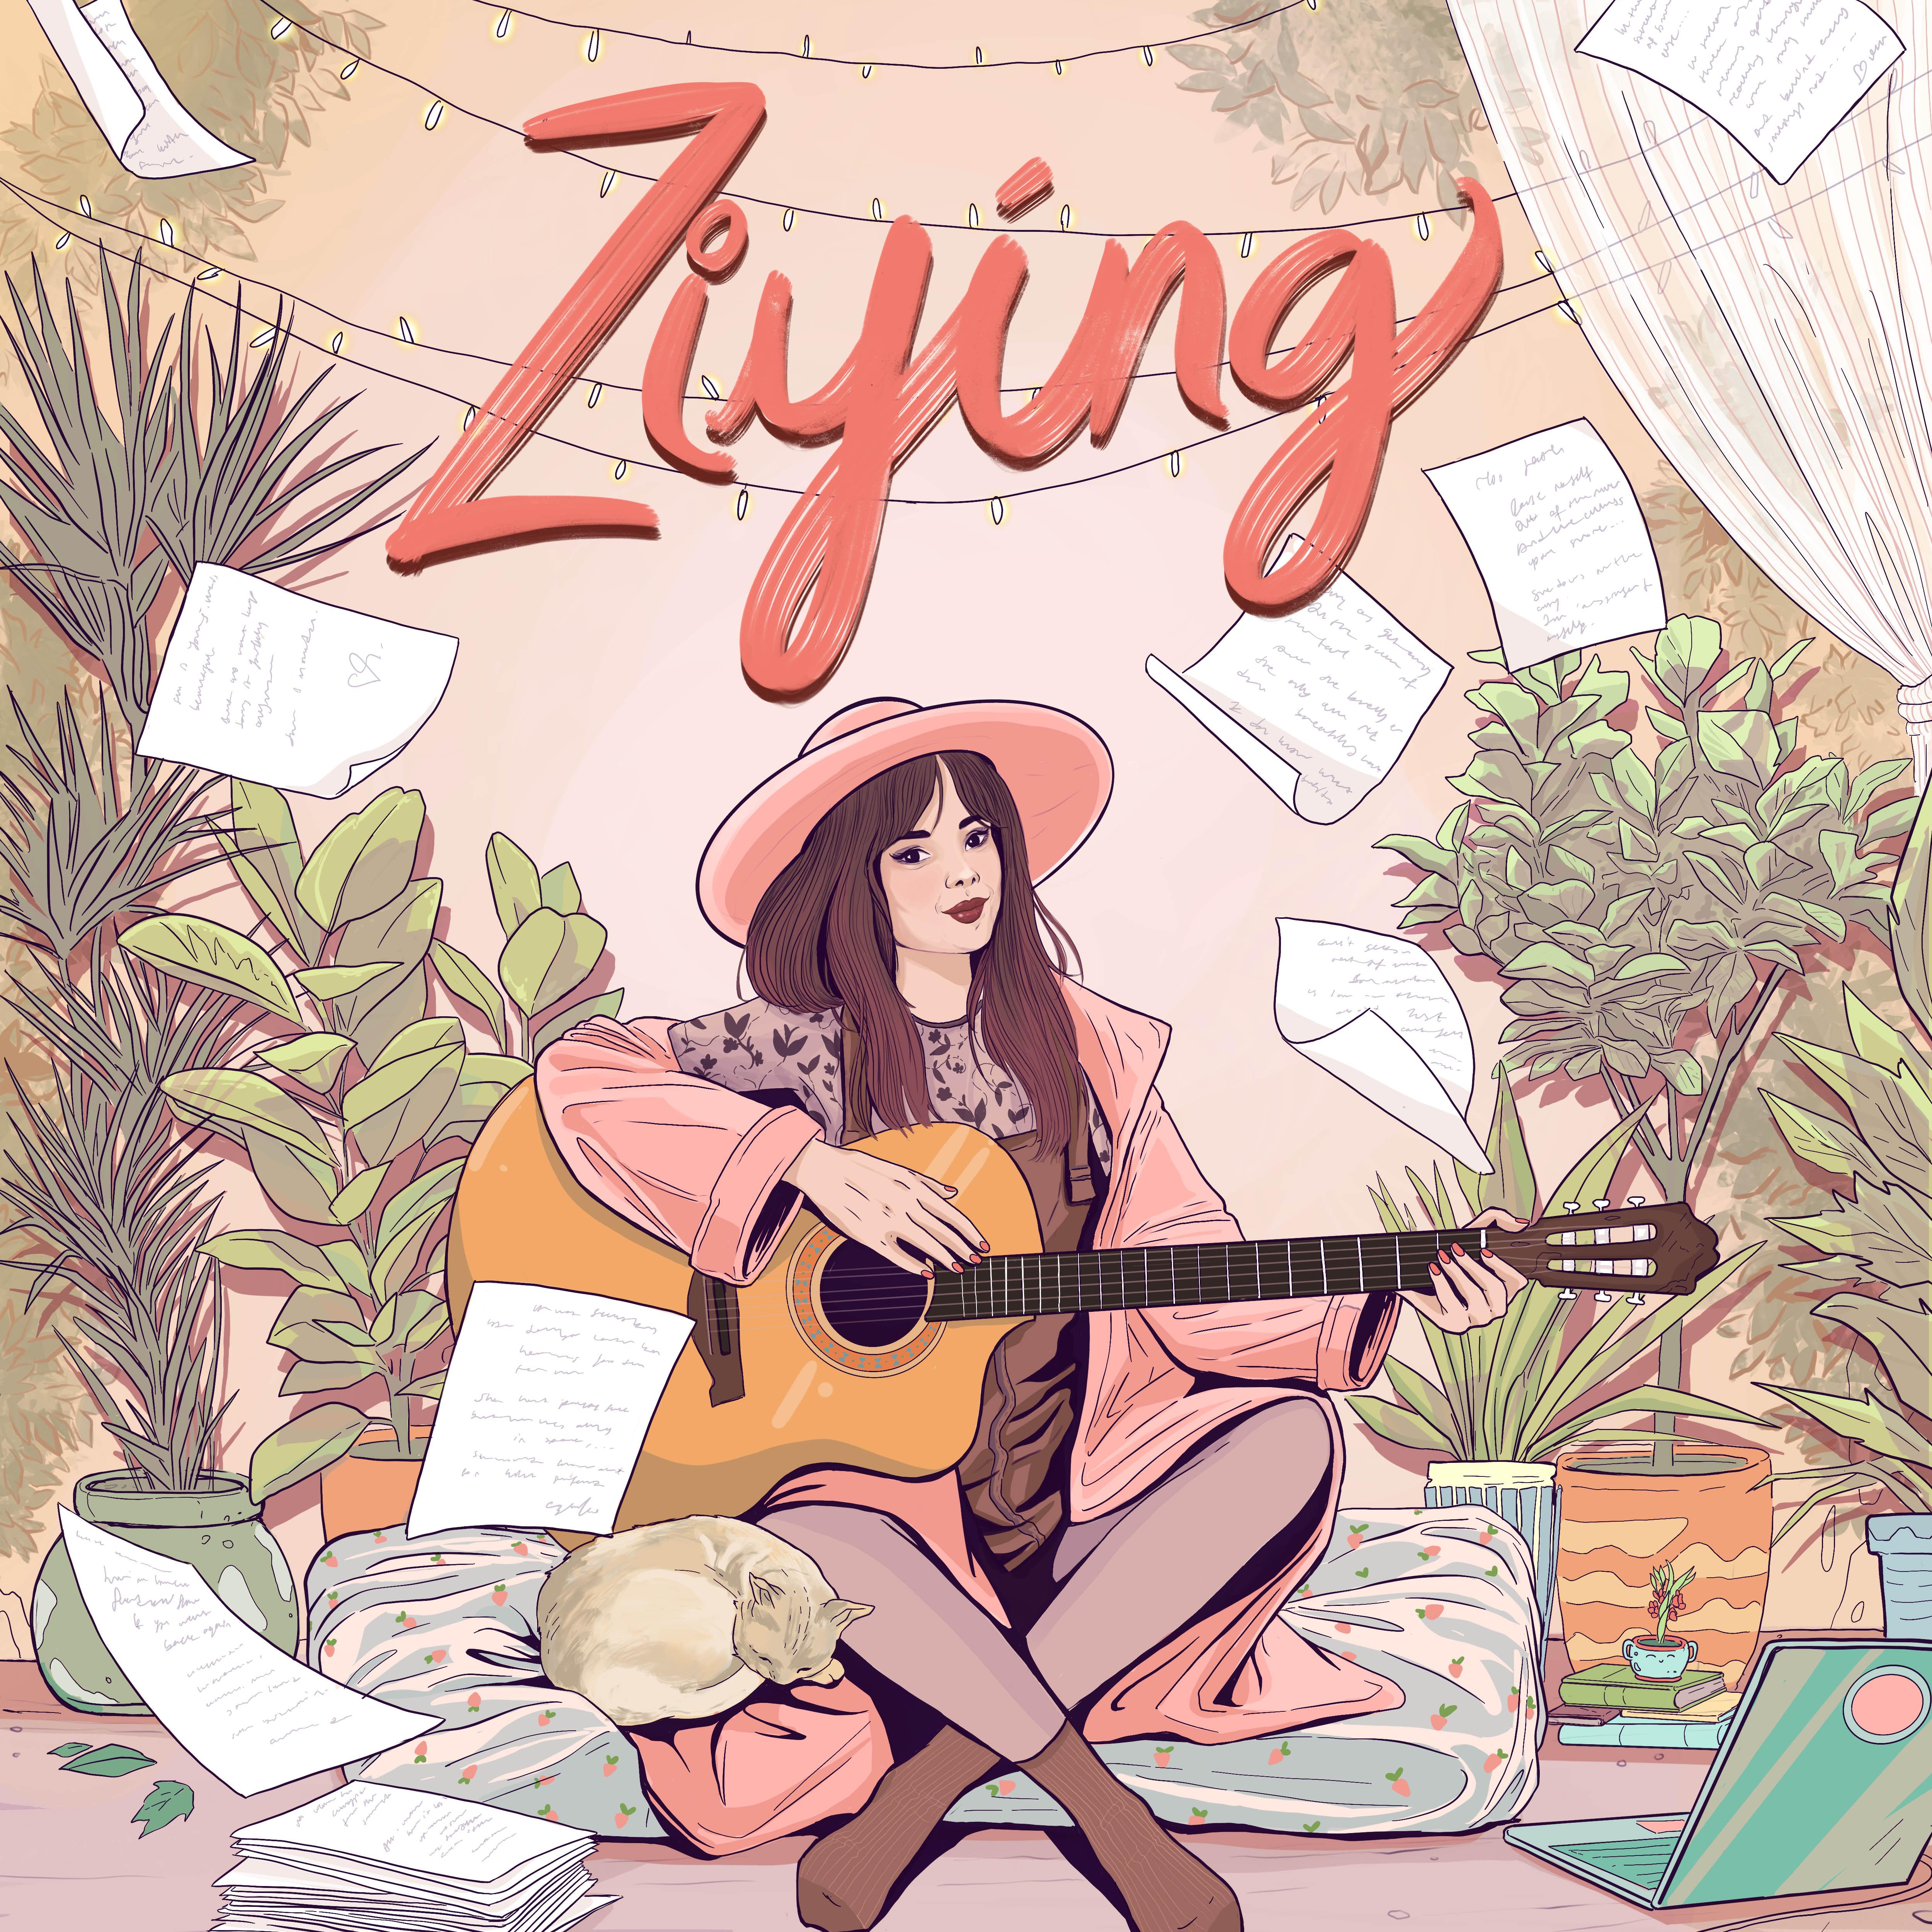 Emily's album cover